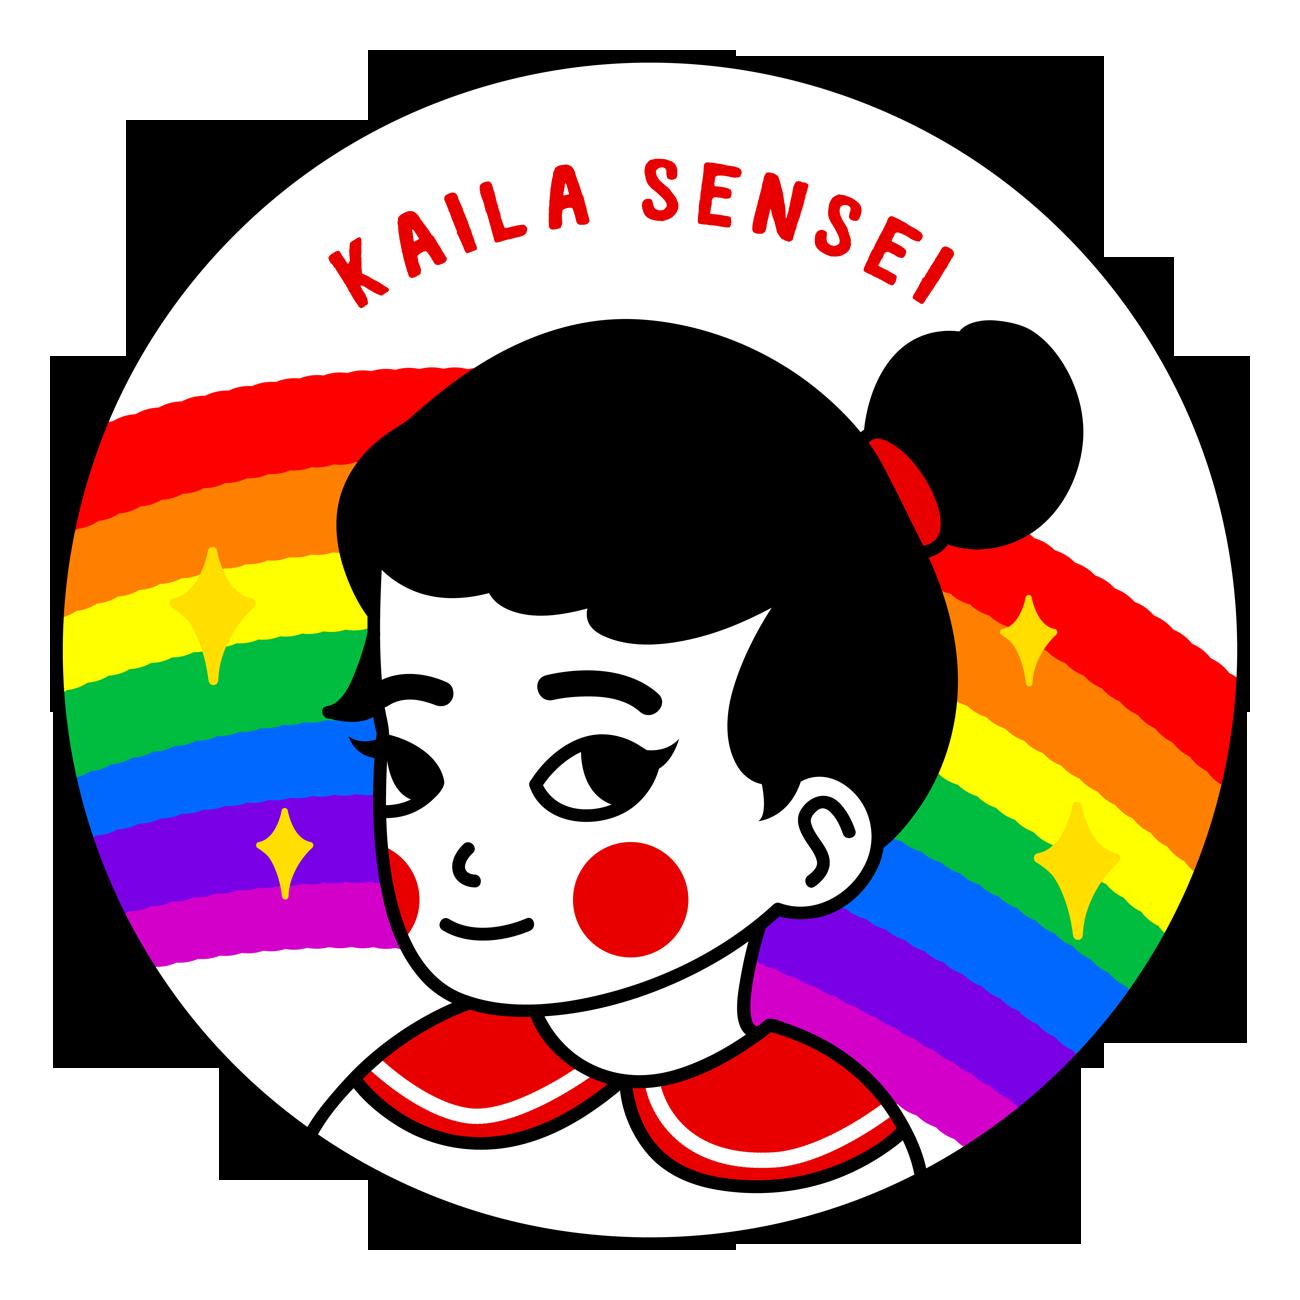 kaila sensei logo